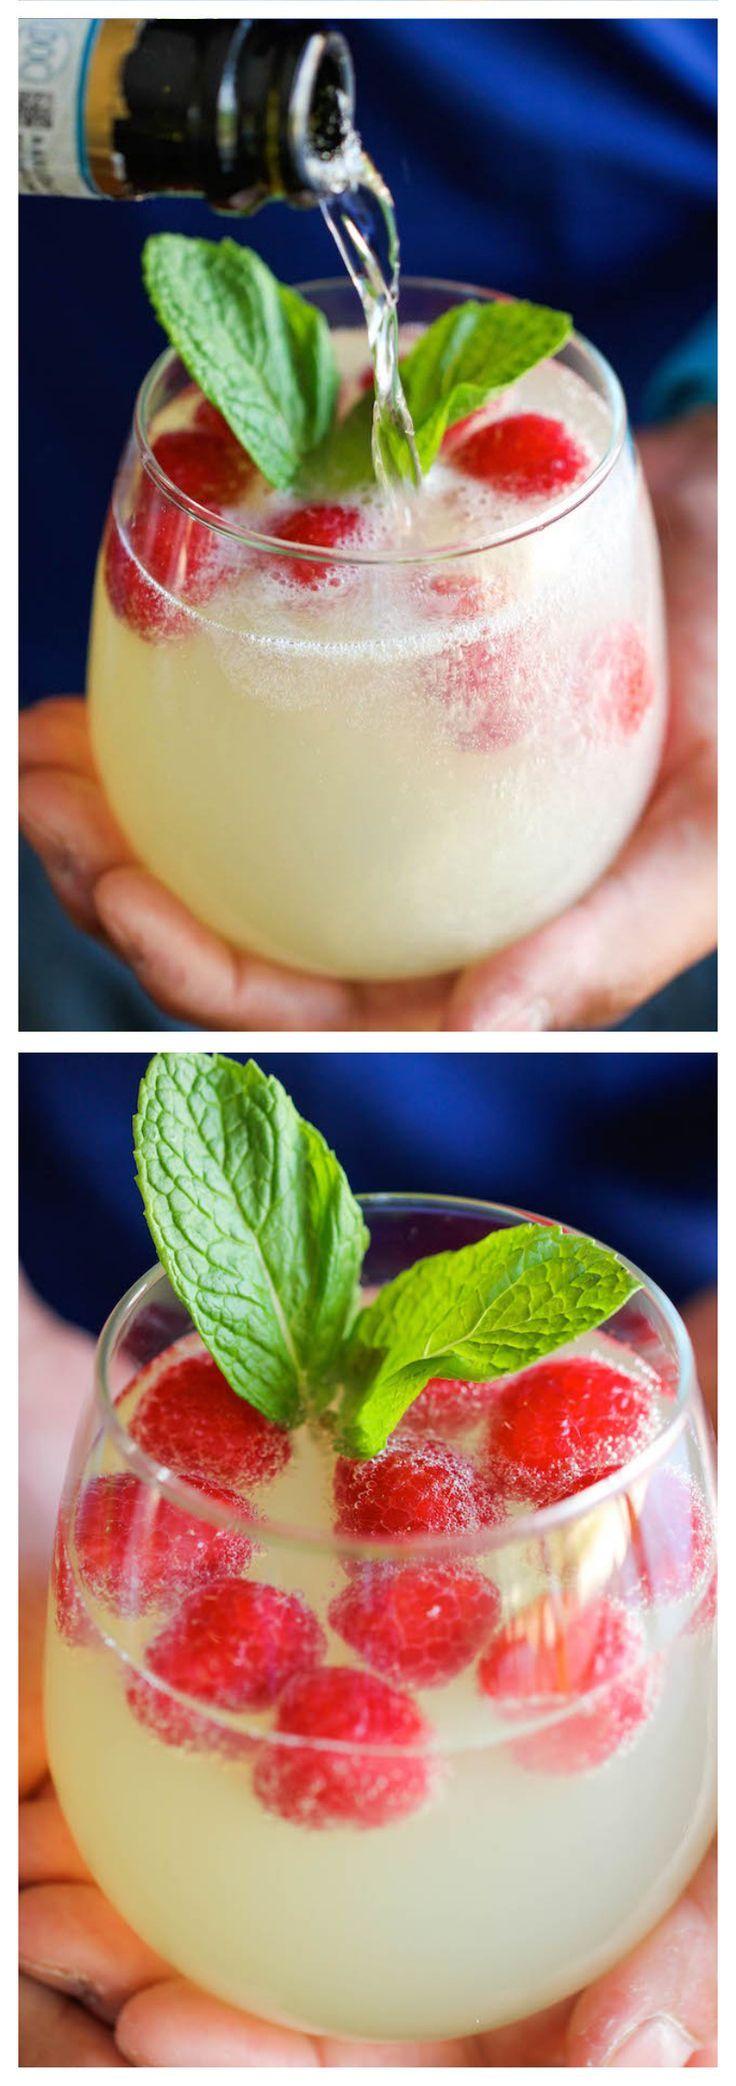 Raspberry Limoncello Prosecco. Essen & Trinken könnt ihr bequem online über den REWE Lieferservice bestellen. Gutscheine & Rabatte für REWE gibt's hier: http://www.deals.com/rewe #gutschein #gutscheincode #sparen #shoppen #onlineshopping #shopping #angebote #sale #rabatt #essen #trinken #food #foodporn